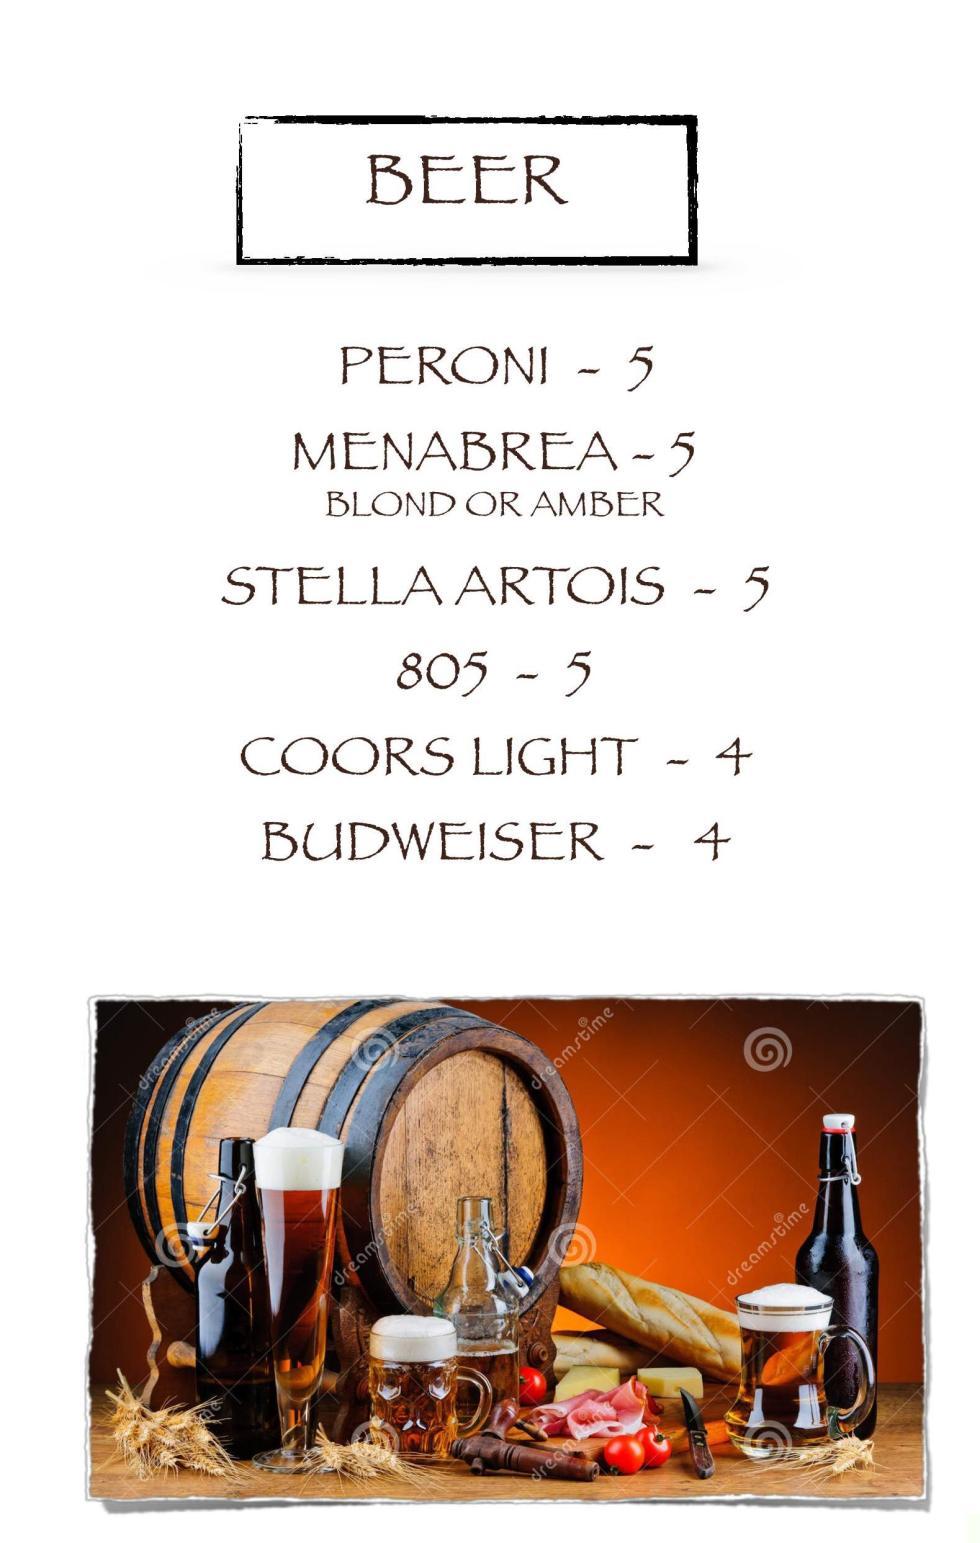 wine menu revised 5_31_17-page-003